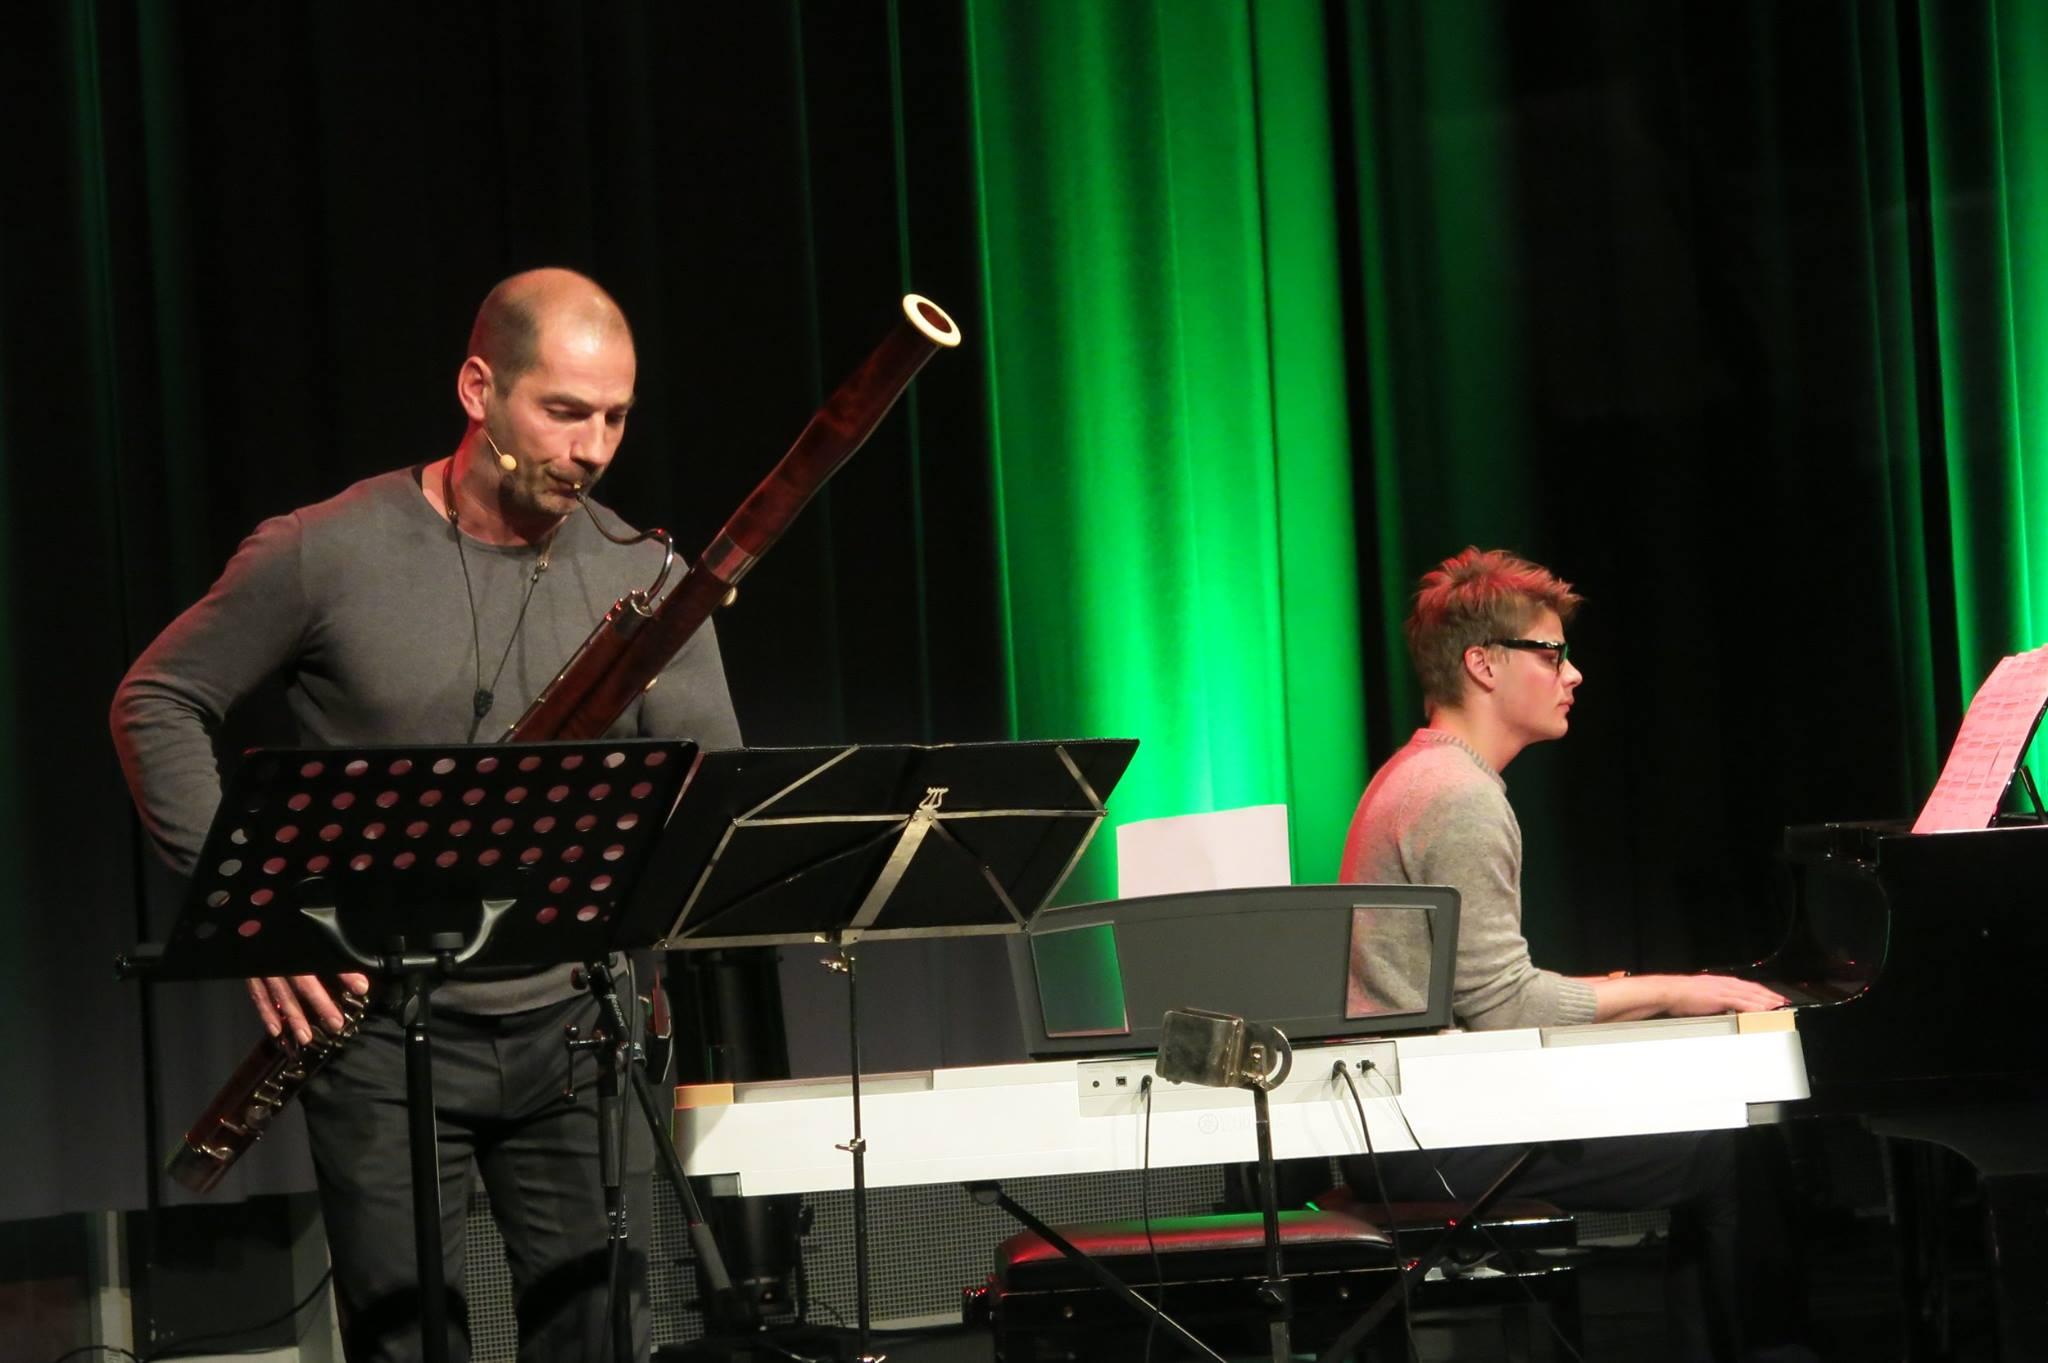 Jósef and Jógvan